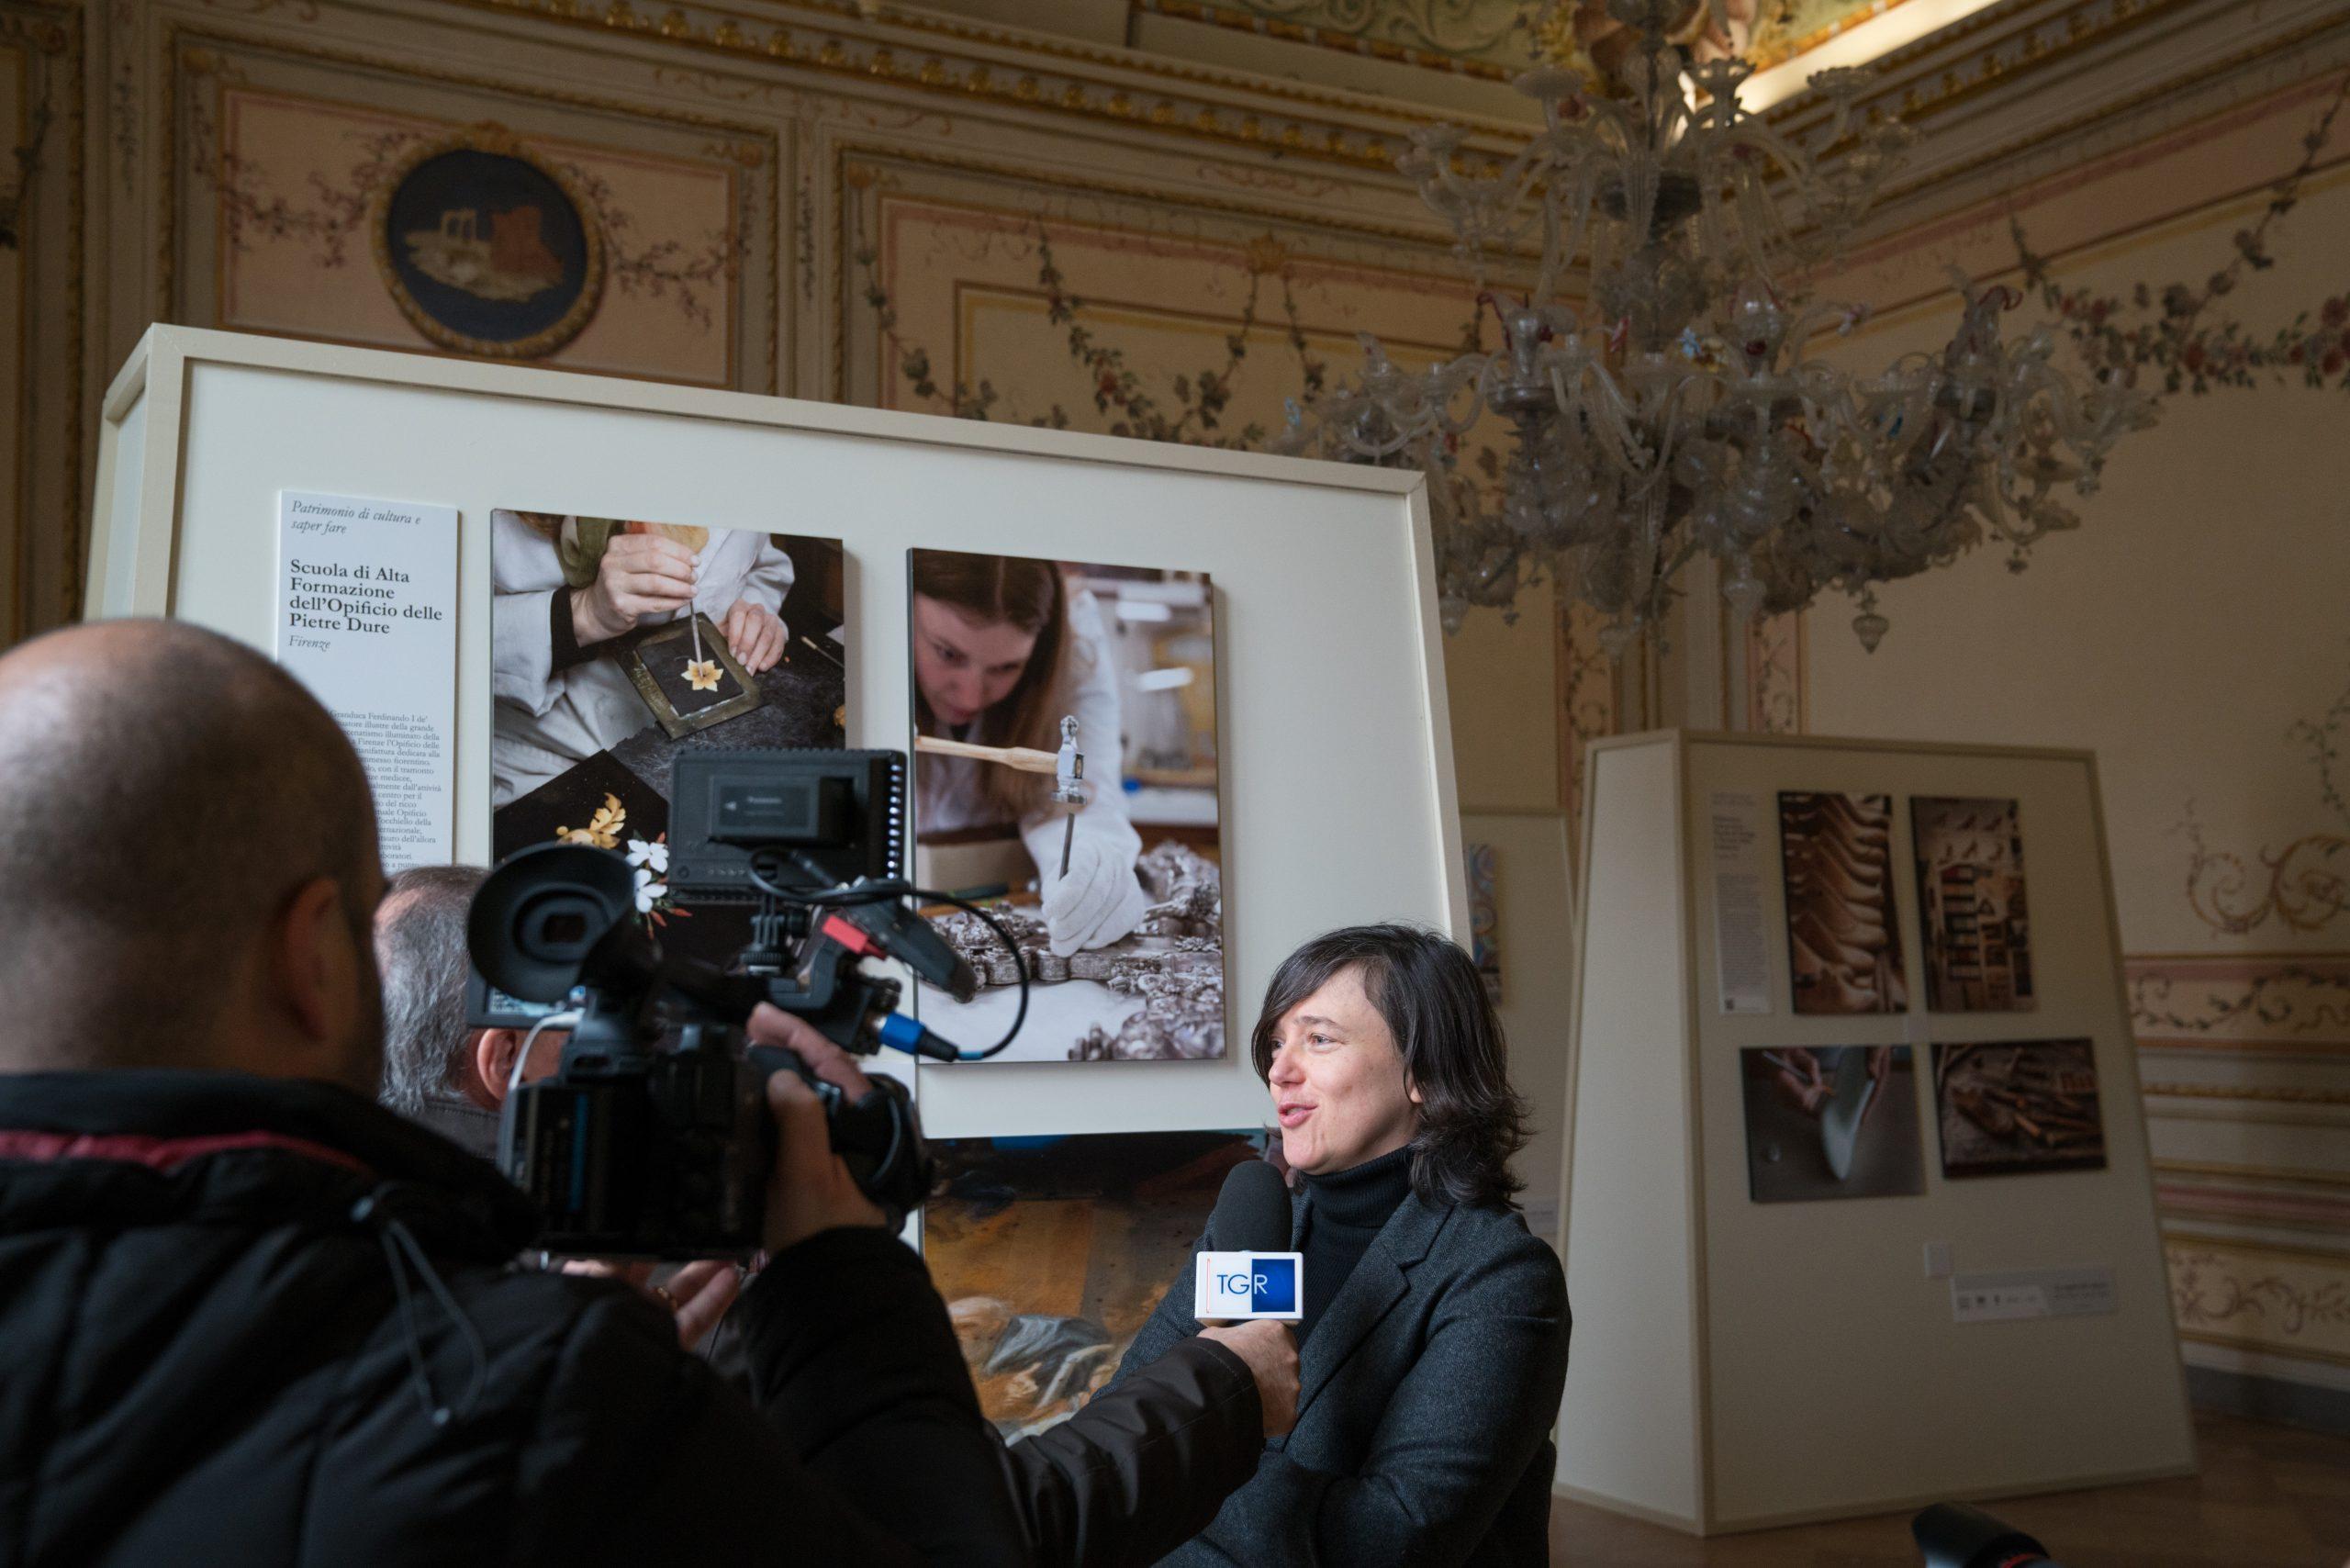 La Regola del talento – reggia di Caserta DSC08021 foto Peter Elovich, Fondazione Cologni